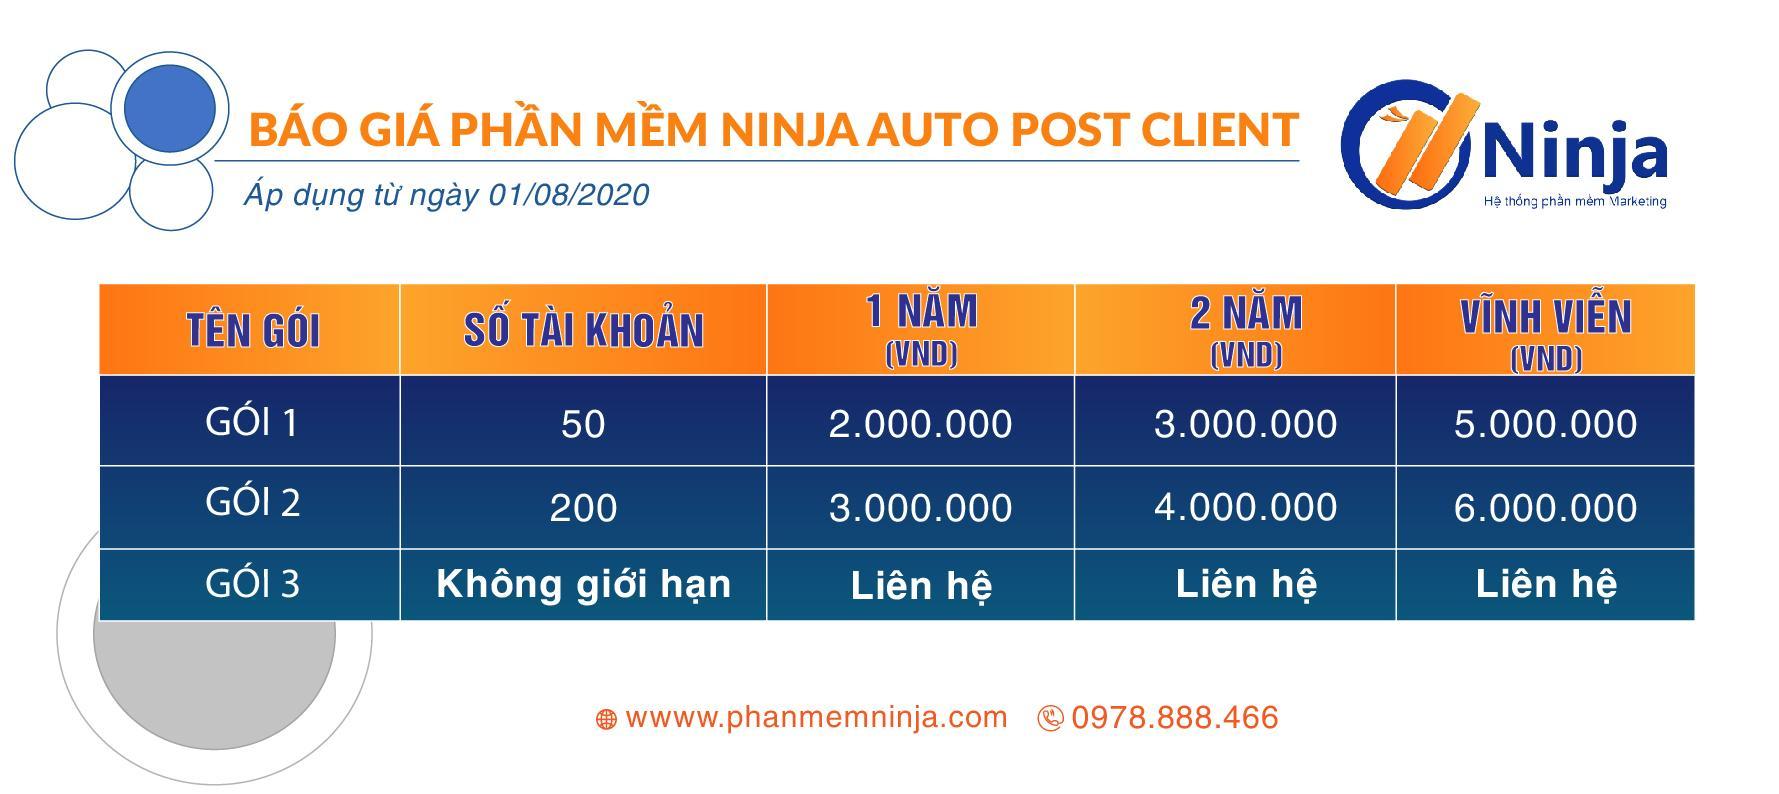 BAN BAO GIA Ninja Auto Post client   Siêu phẩm đăng bài quảng cáo facebook hàng loạt